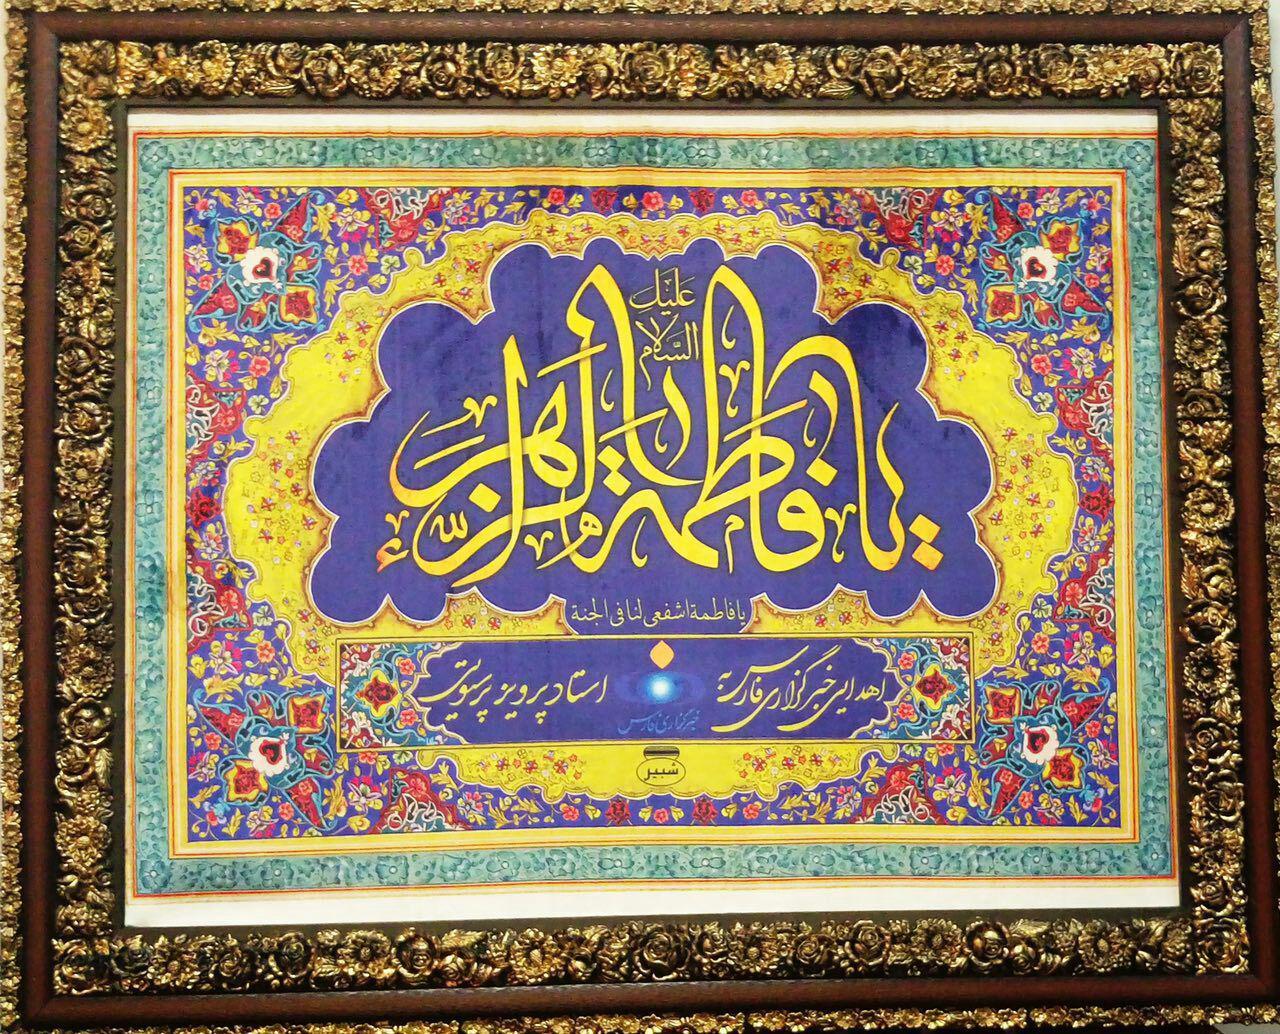 هدیه پرویز پرستویی به حرم حضرت عباس (ع) + عکس